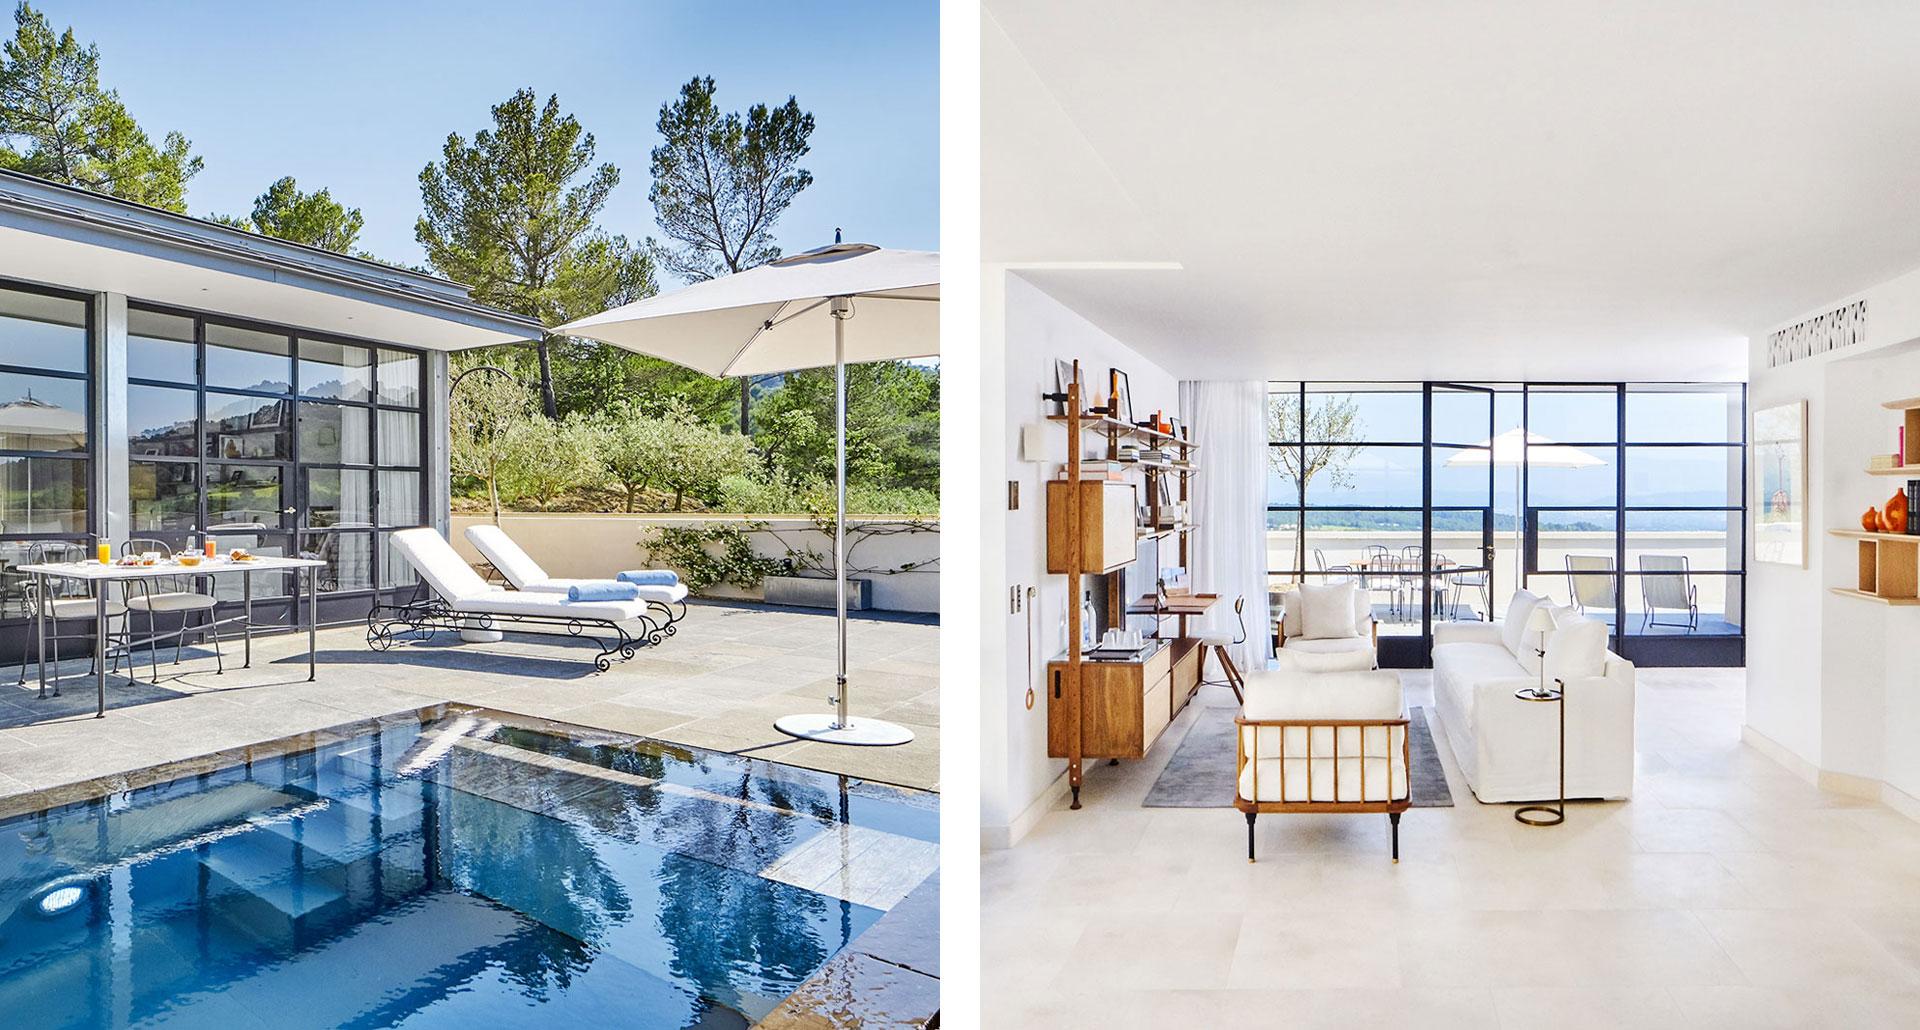 Villa La Coste - boutique hotel in Aix-en-Provence